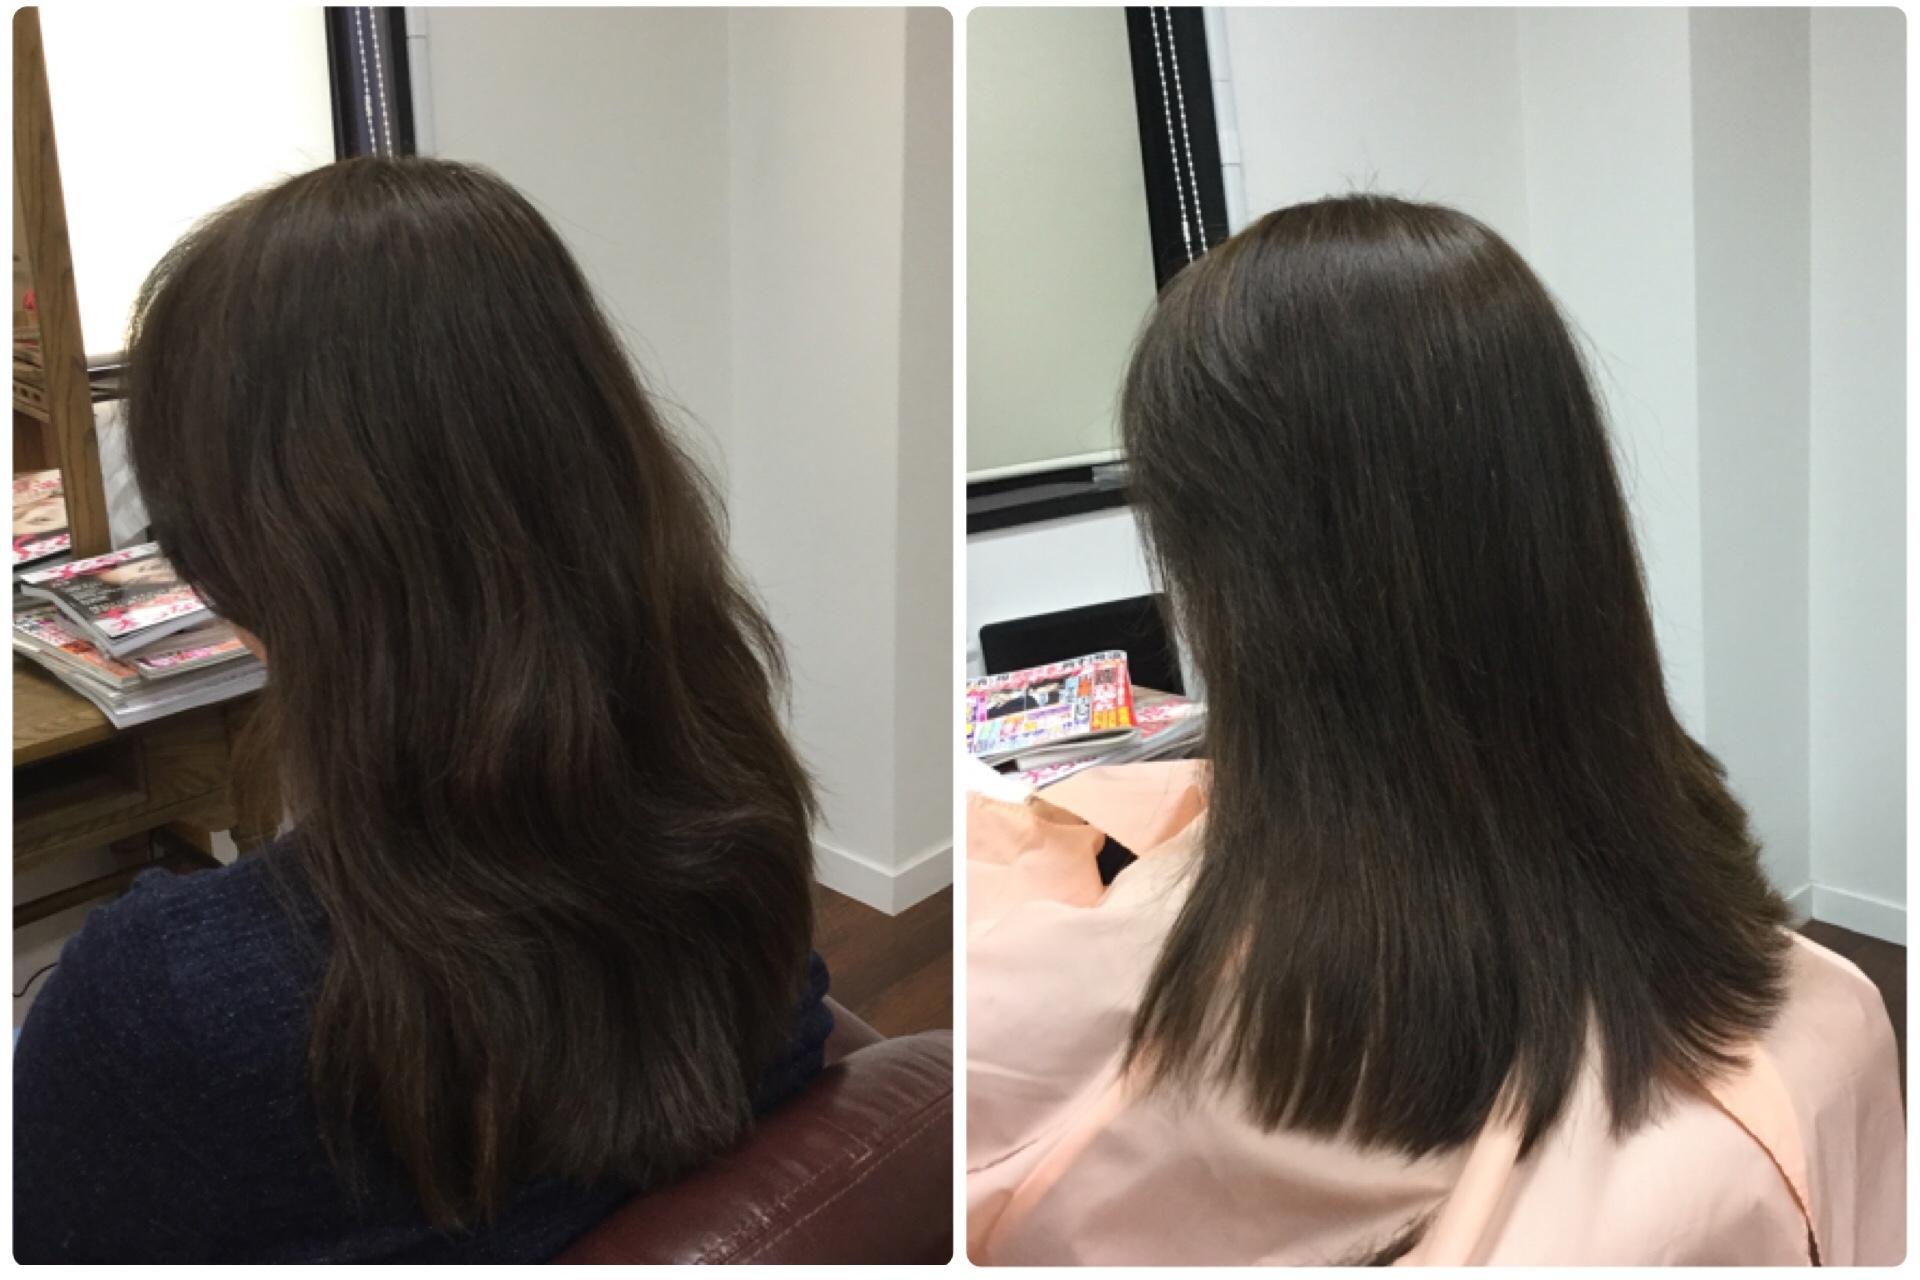 【大人女性のアレルギーは突然に】50代からは天然100%ヘナ!神戸くせ毛専門美容室